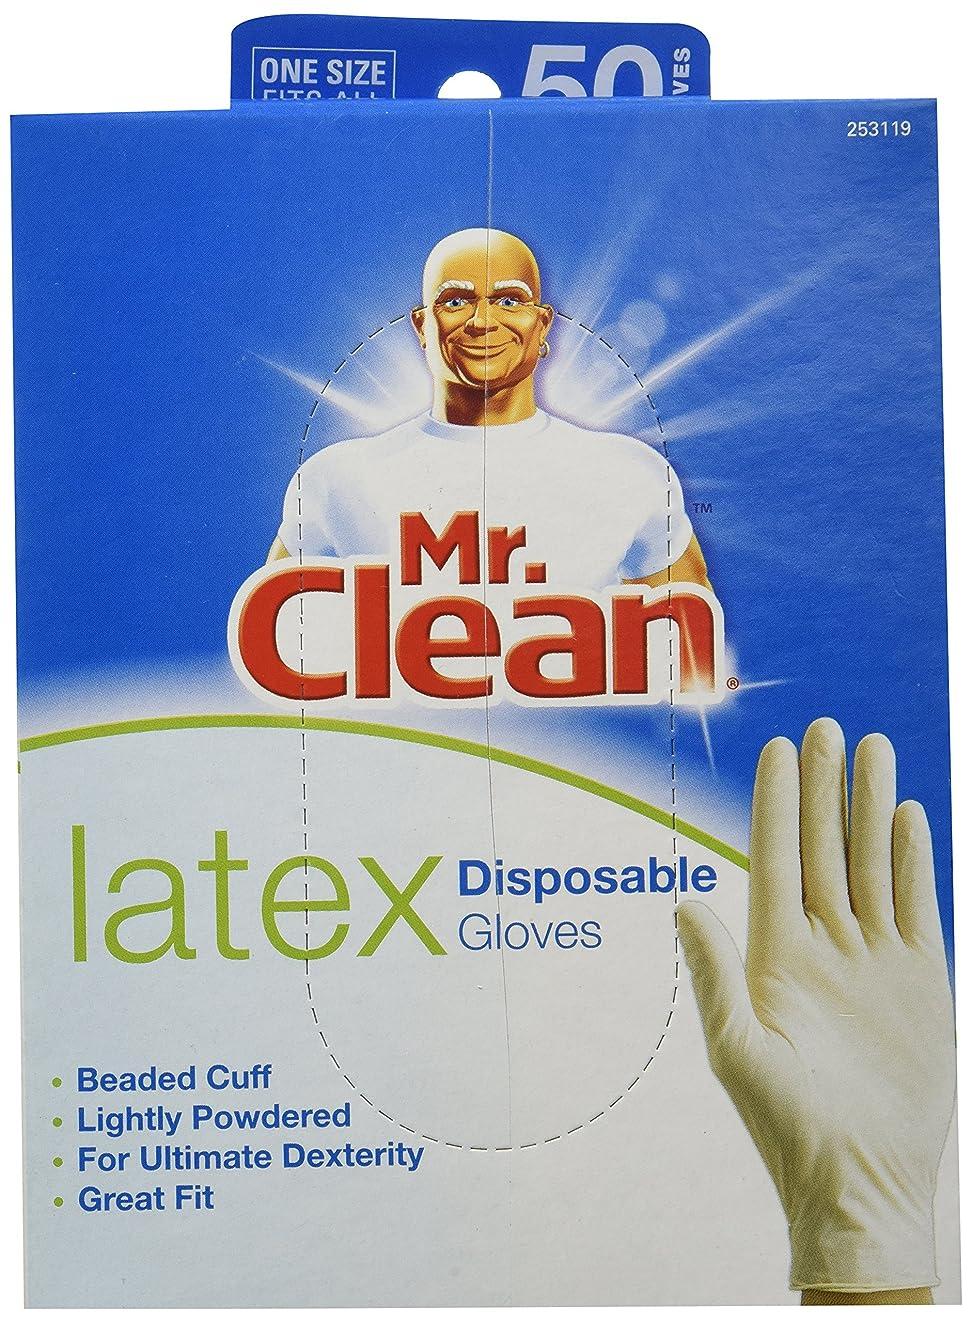 ブッシュ判読できない契約したMR. CLEAN LATEX Disposable Cleaning Gloves for ULTIMATE DEXTERITY (50 Count) by Butler Home Products LLC